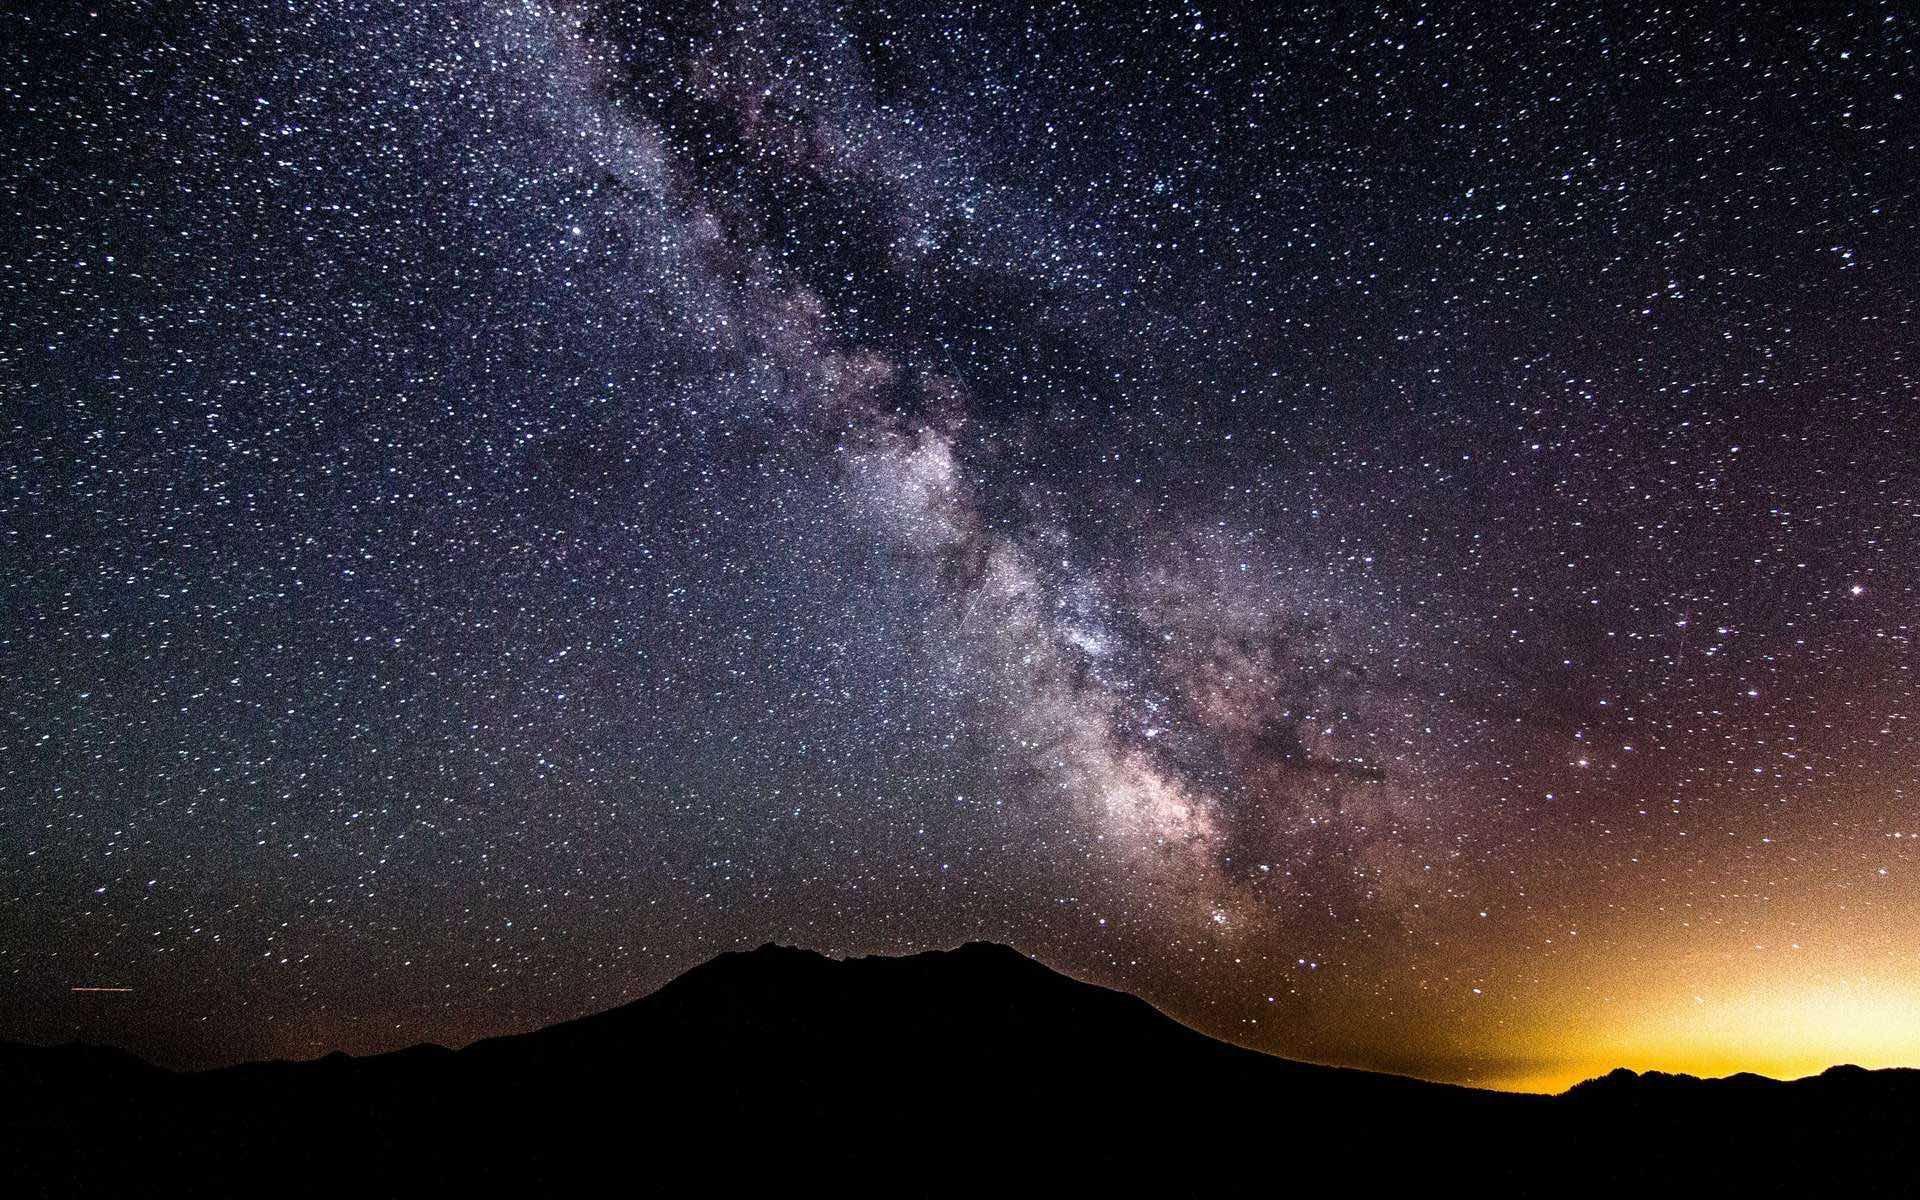 Et Si La Voie Lactée Avait Explosé Il Y A 35 Millions D